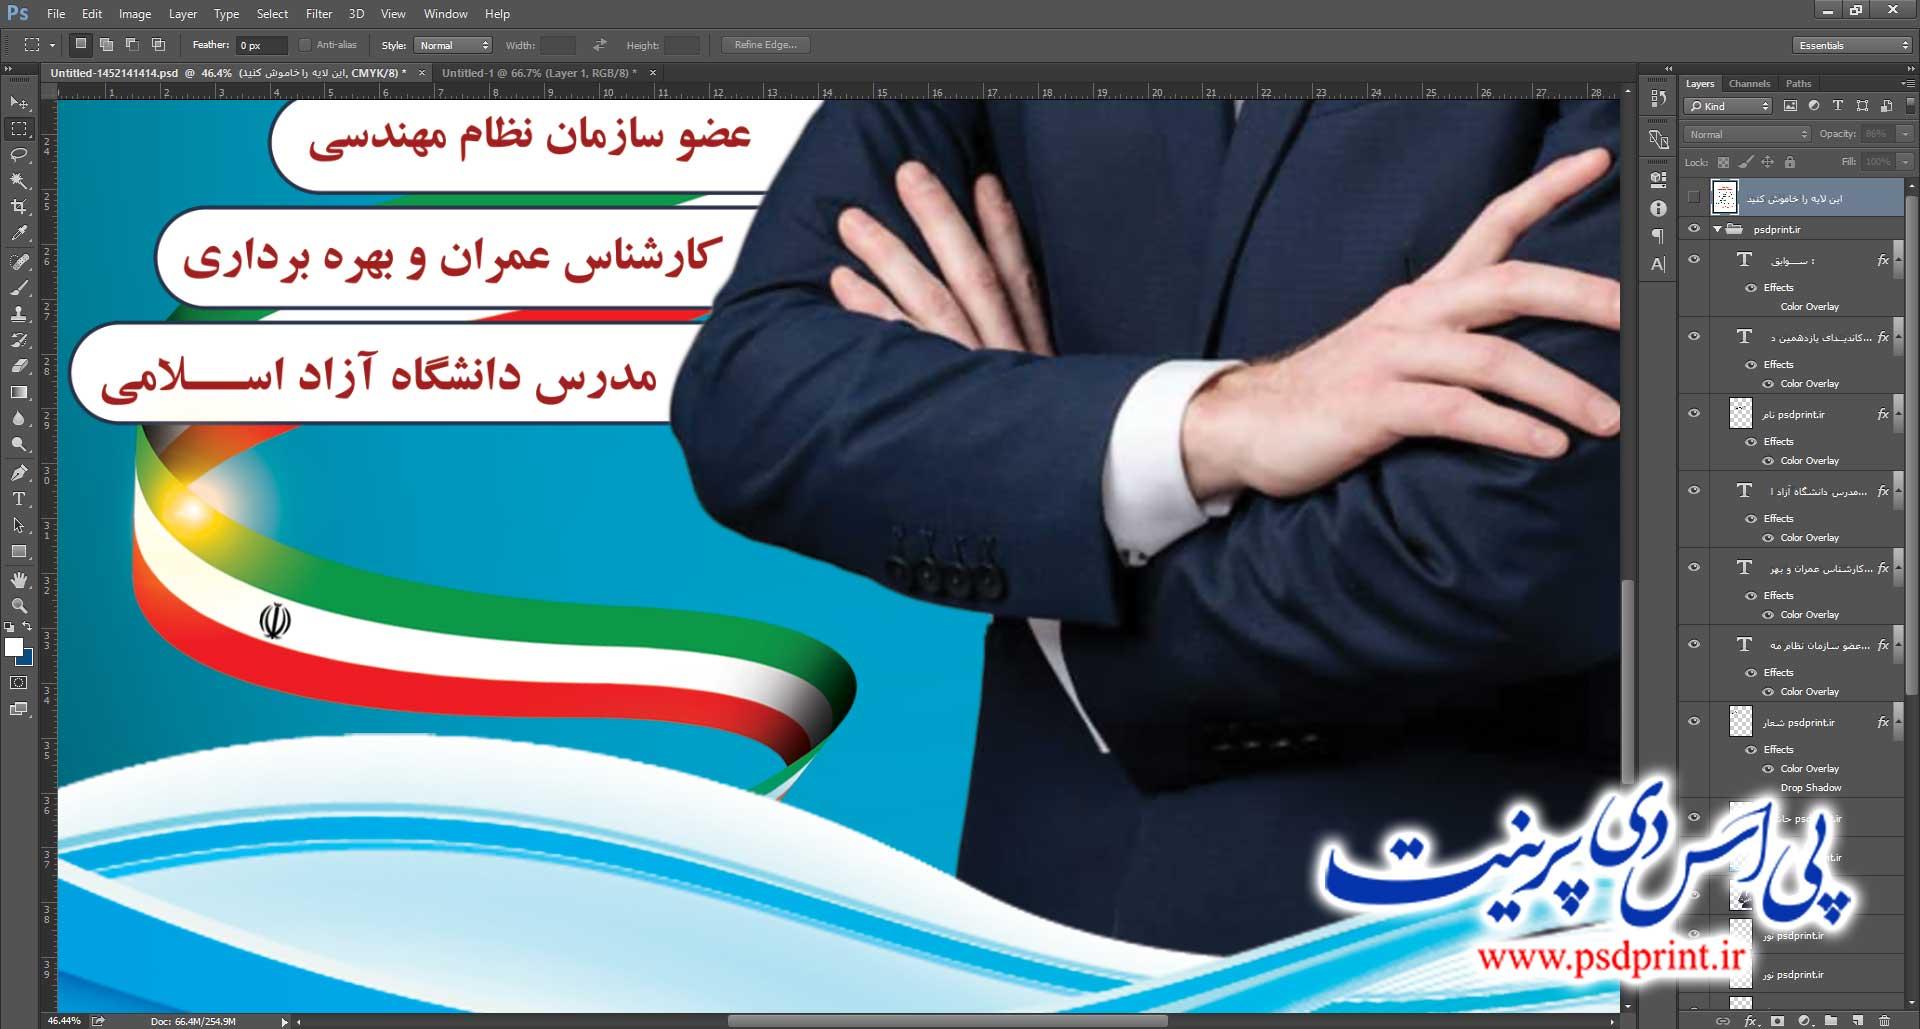 طرح تبلیغاتی انتخابات